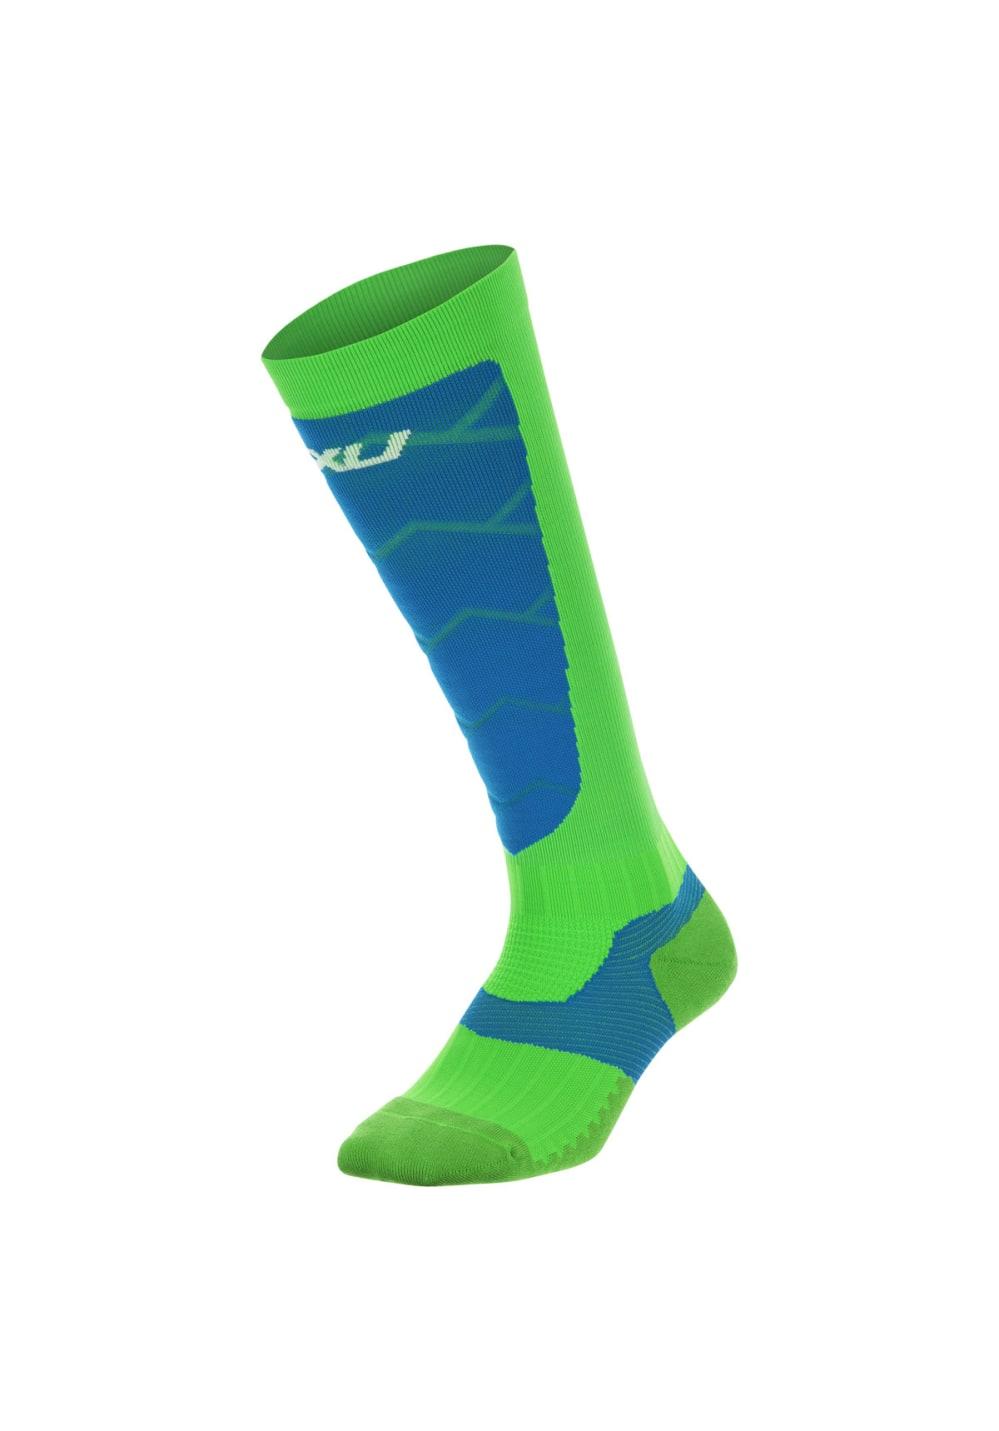 2XU Elite Alpine Compression Socks - Kompression für Herren - Grün